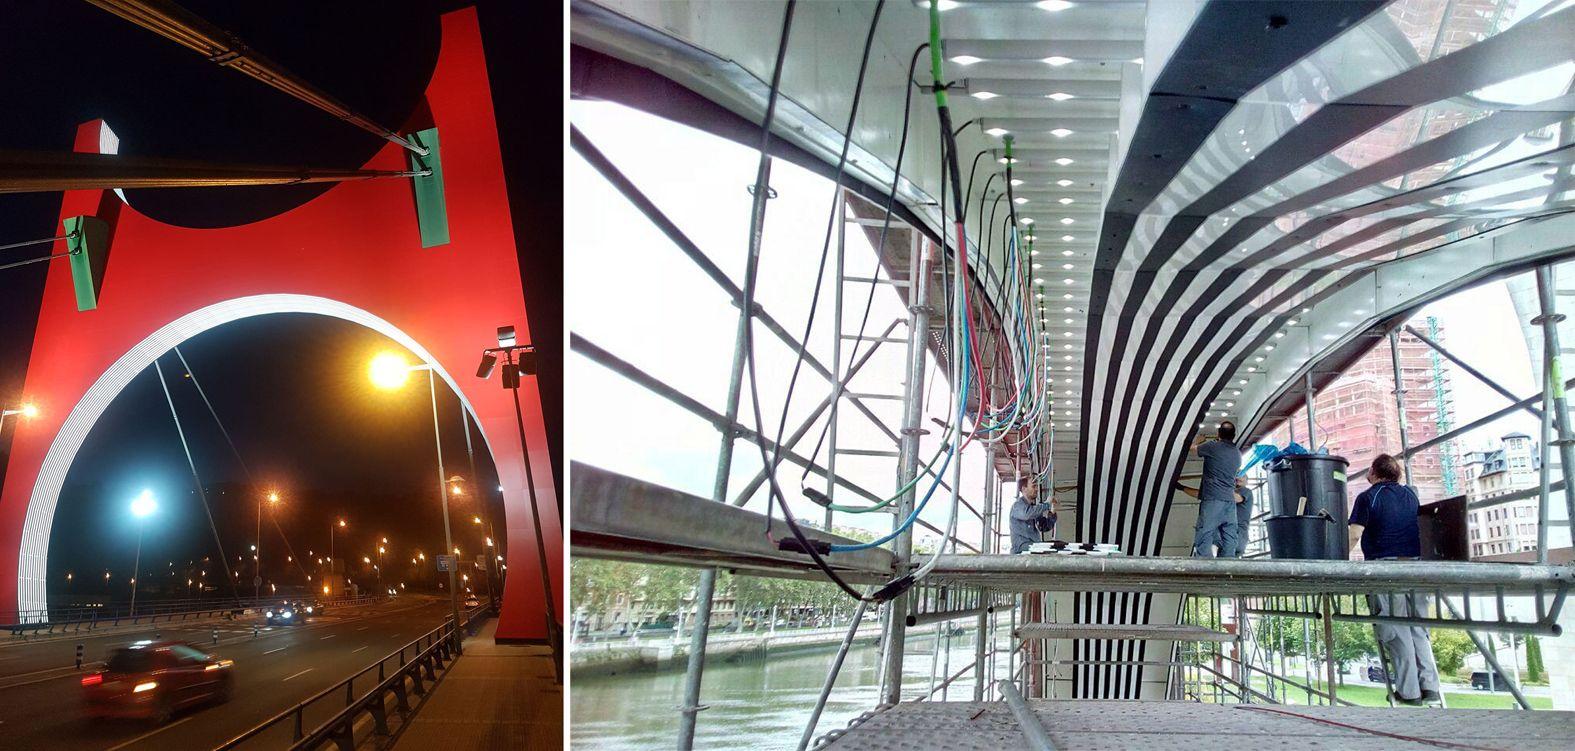 Empresas: Los Arcos Rojos del Museo Guggenheim cumplen 10 años en octubre | Autor del artículo: Finanzas.com